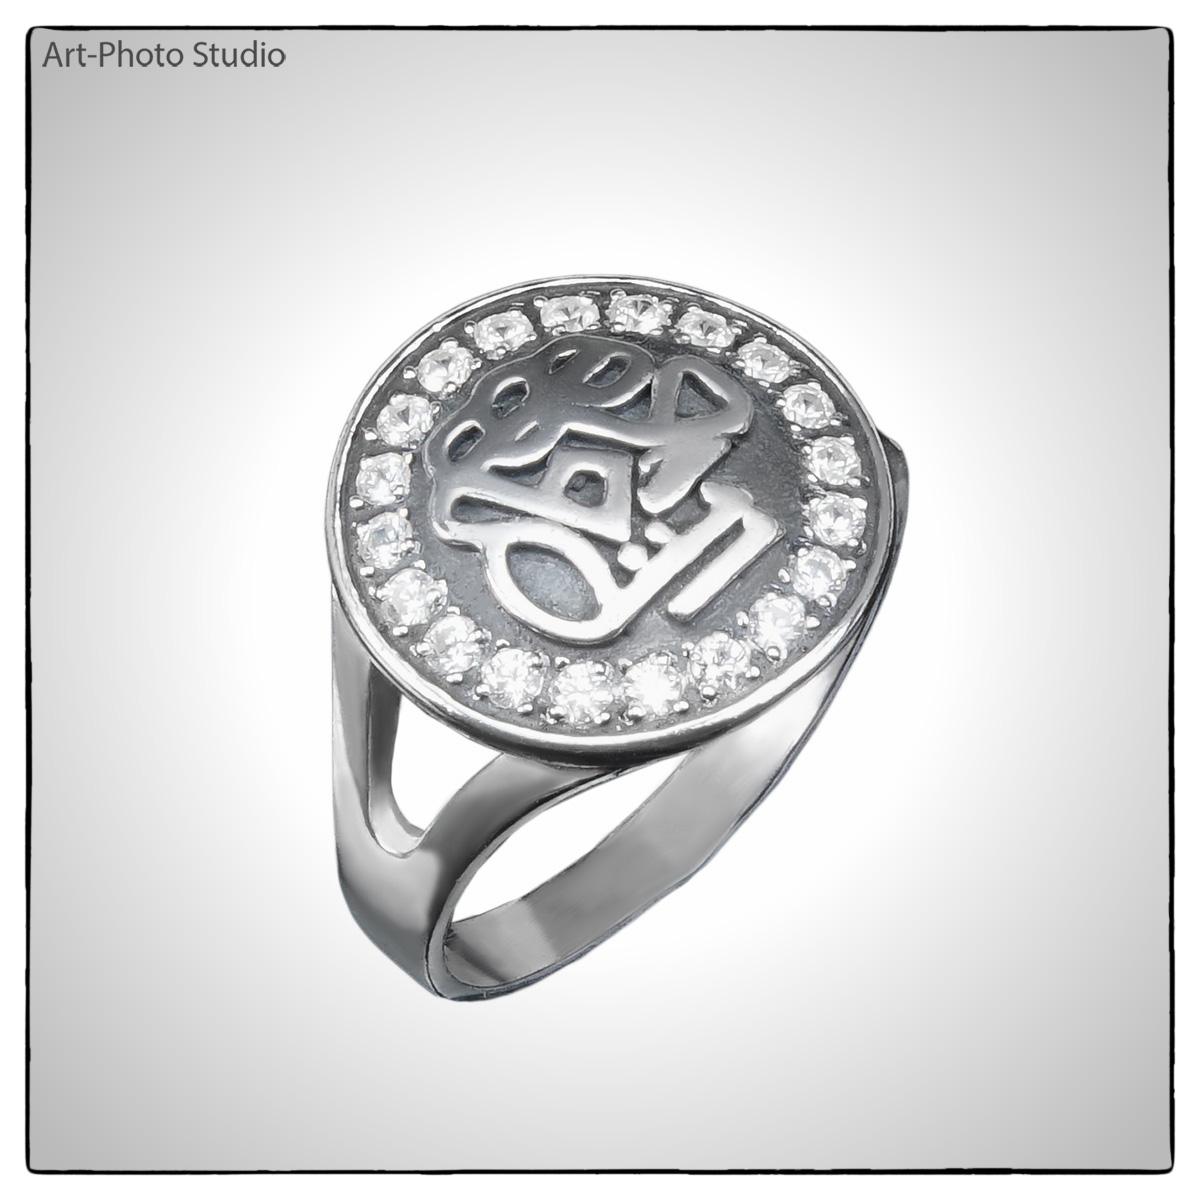 фотосъемка товаров - серебряное кольцо